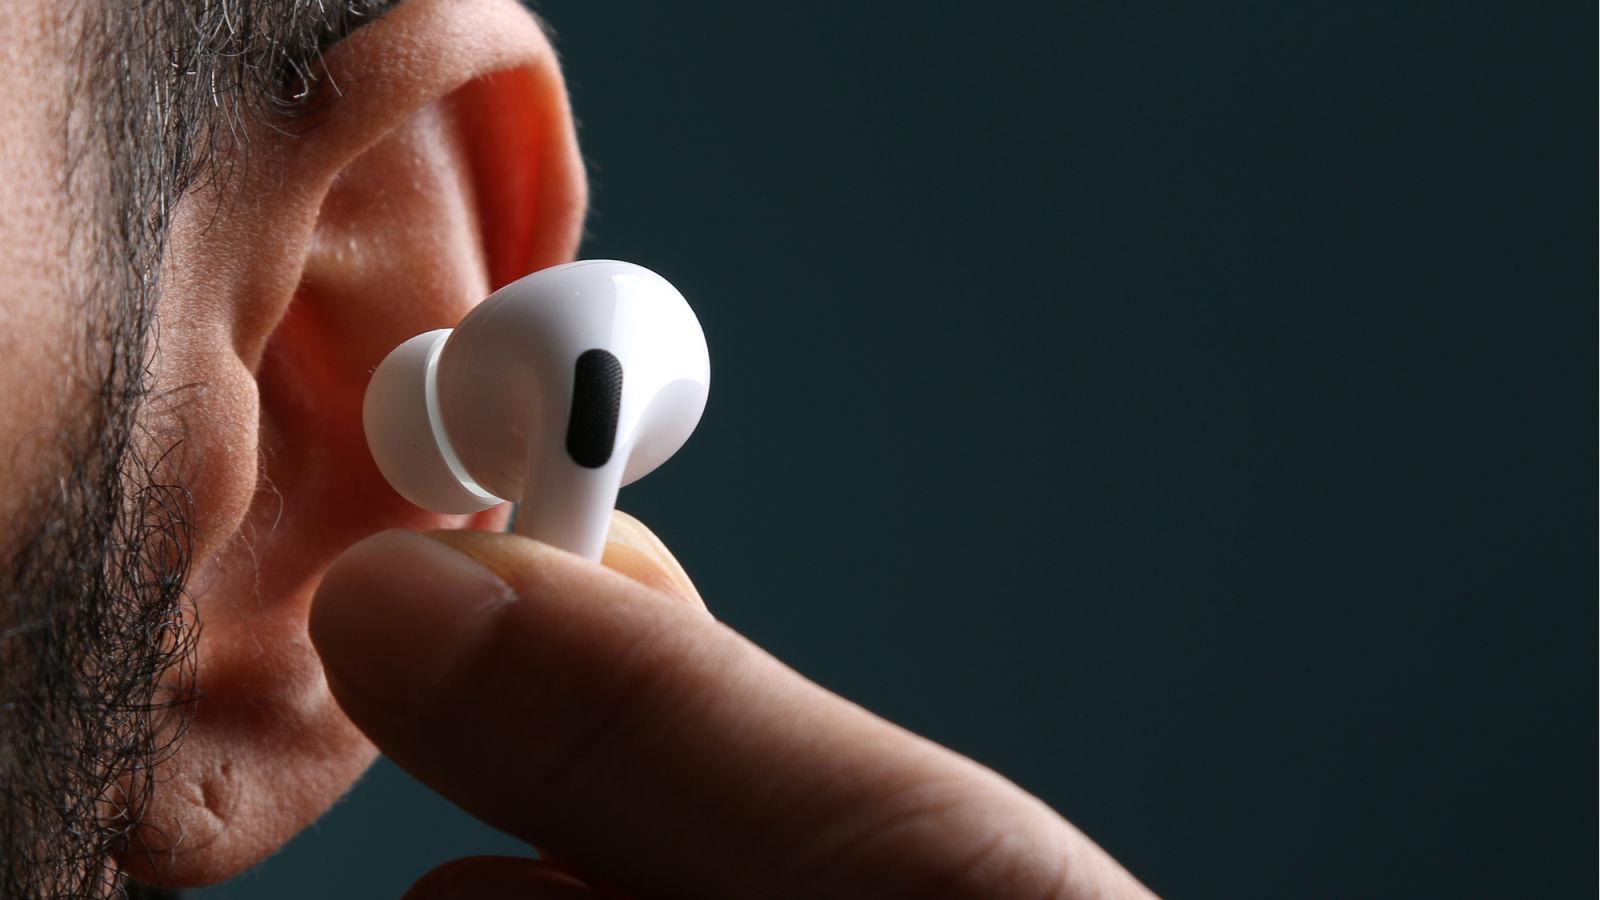 接続 パソコン airpods EarPodsのマイクでZoomが快適【AirPodsでなくてOK】